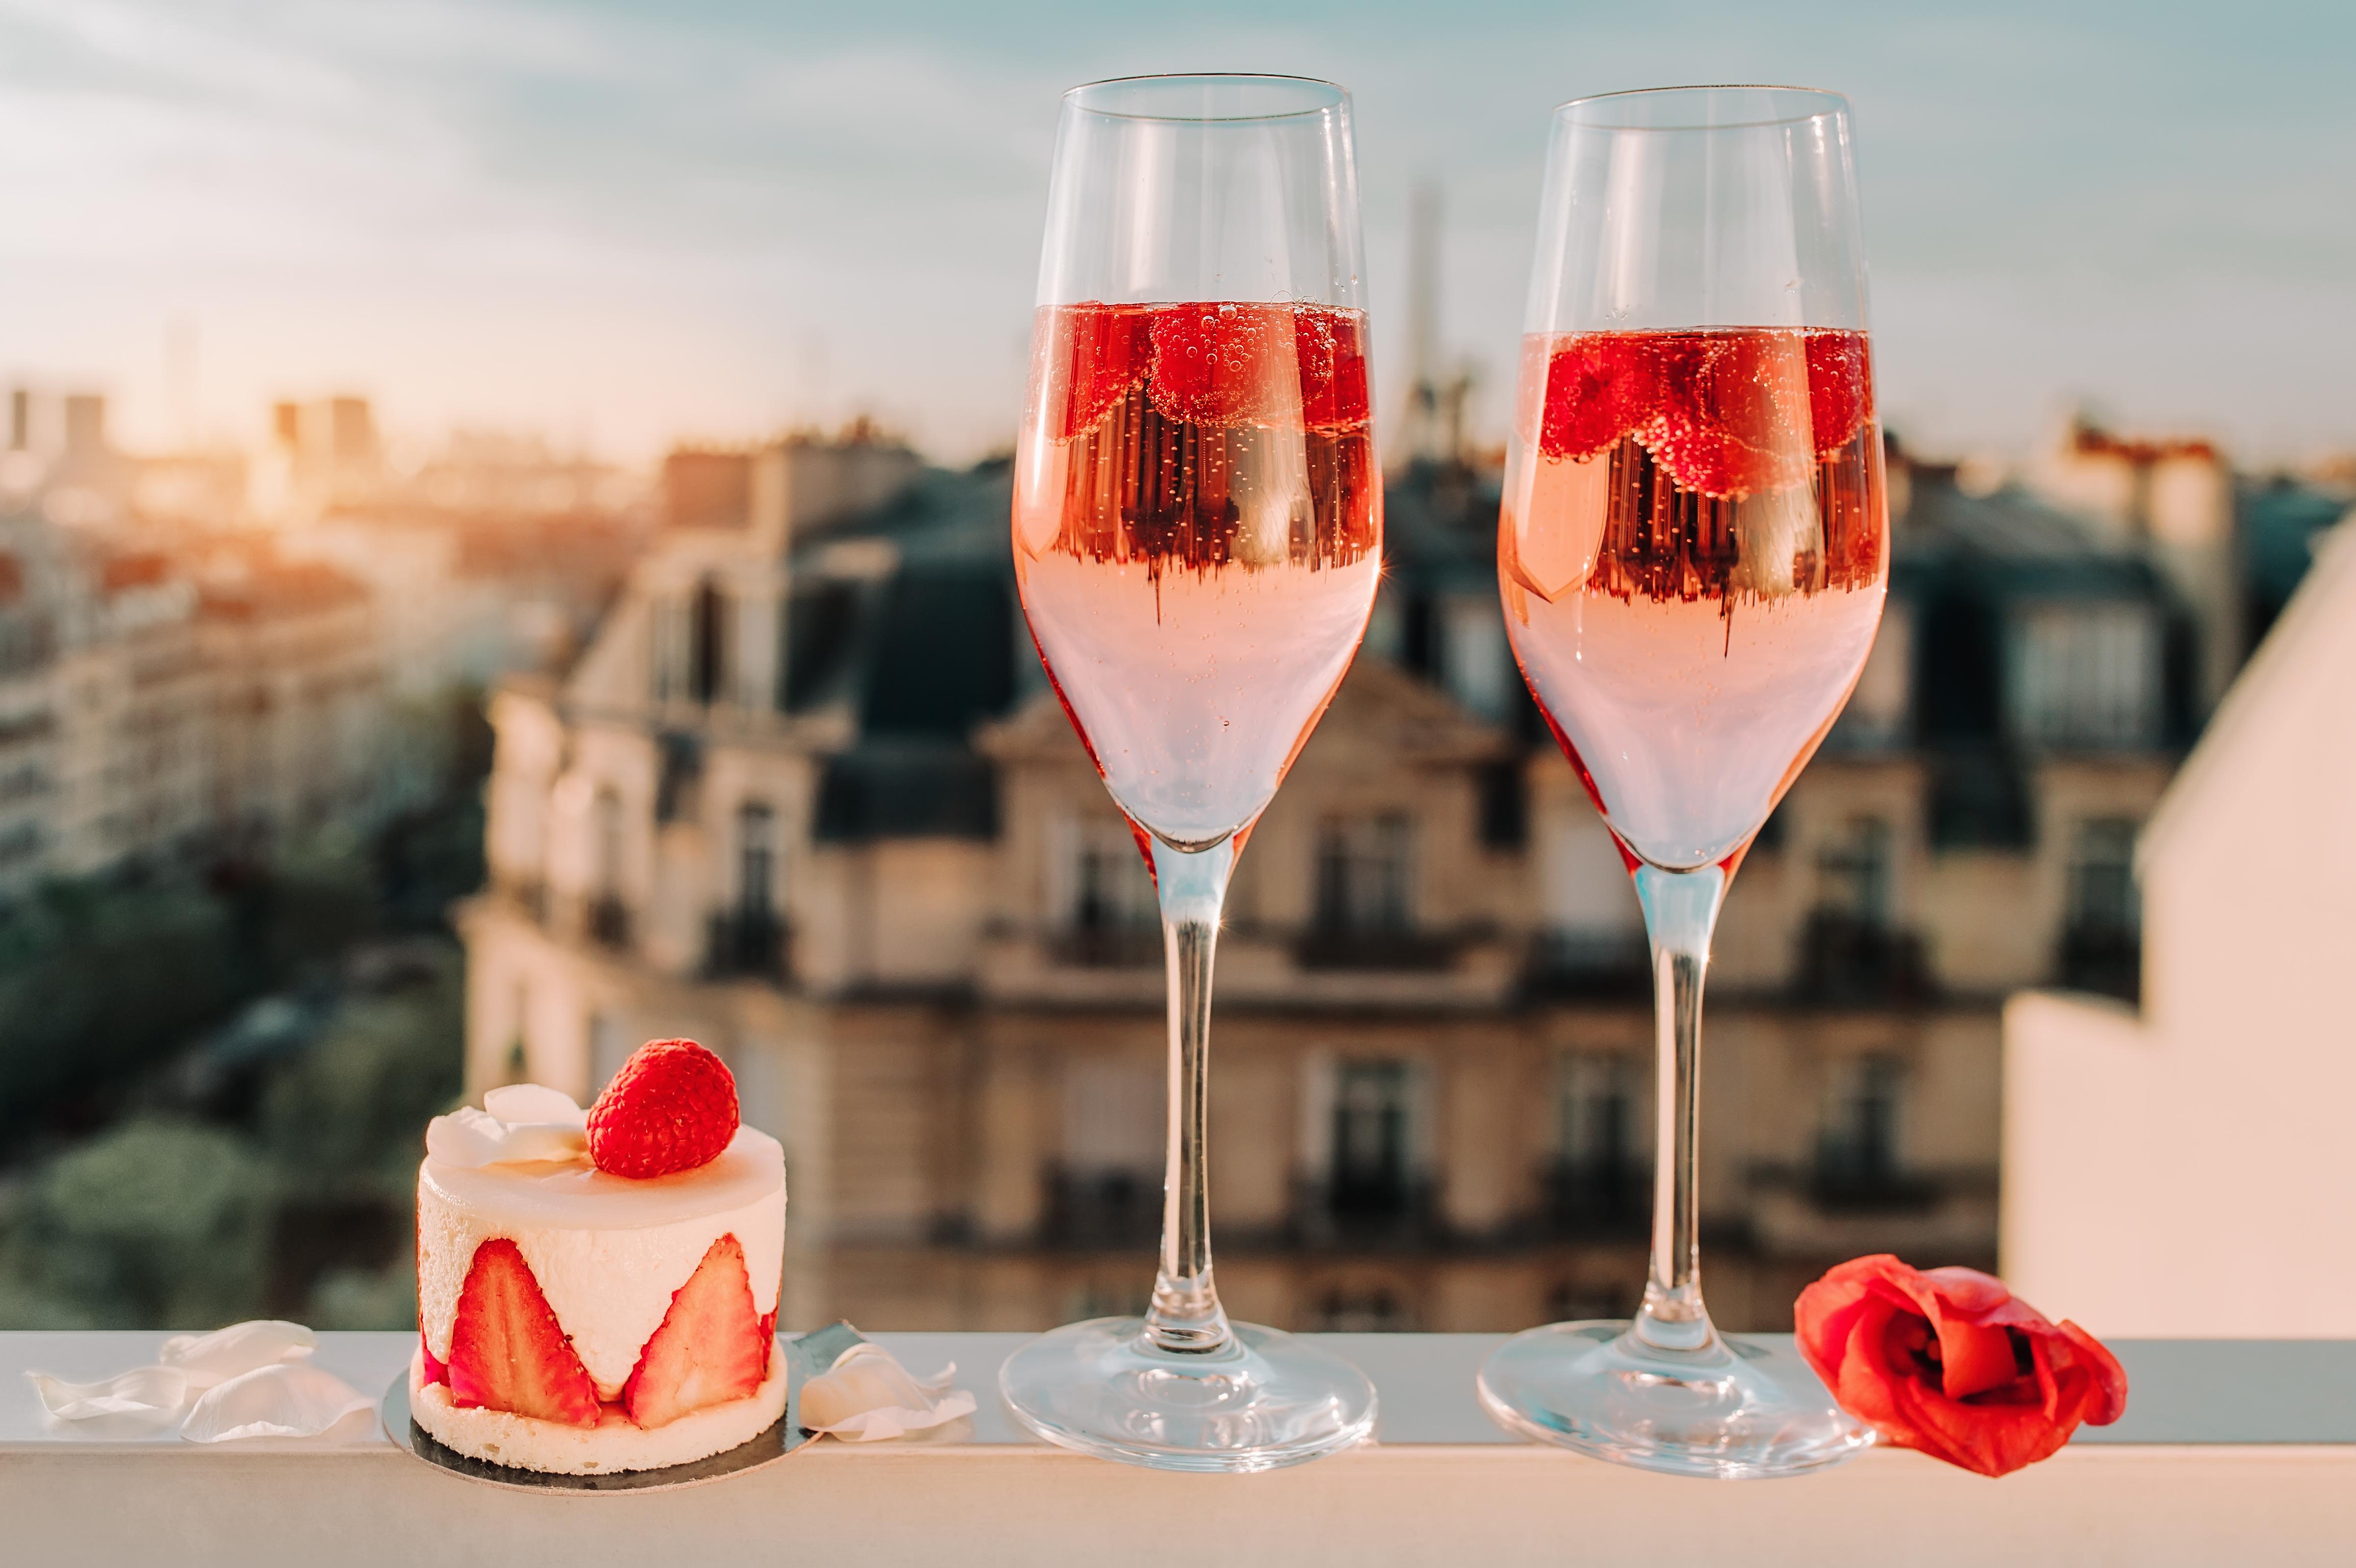 ケーキはスパークリングワインと一緒に。各ケーキとの組み合わせをご紹介